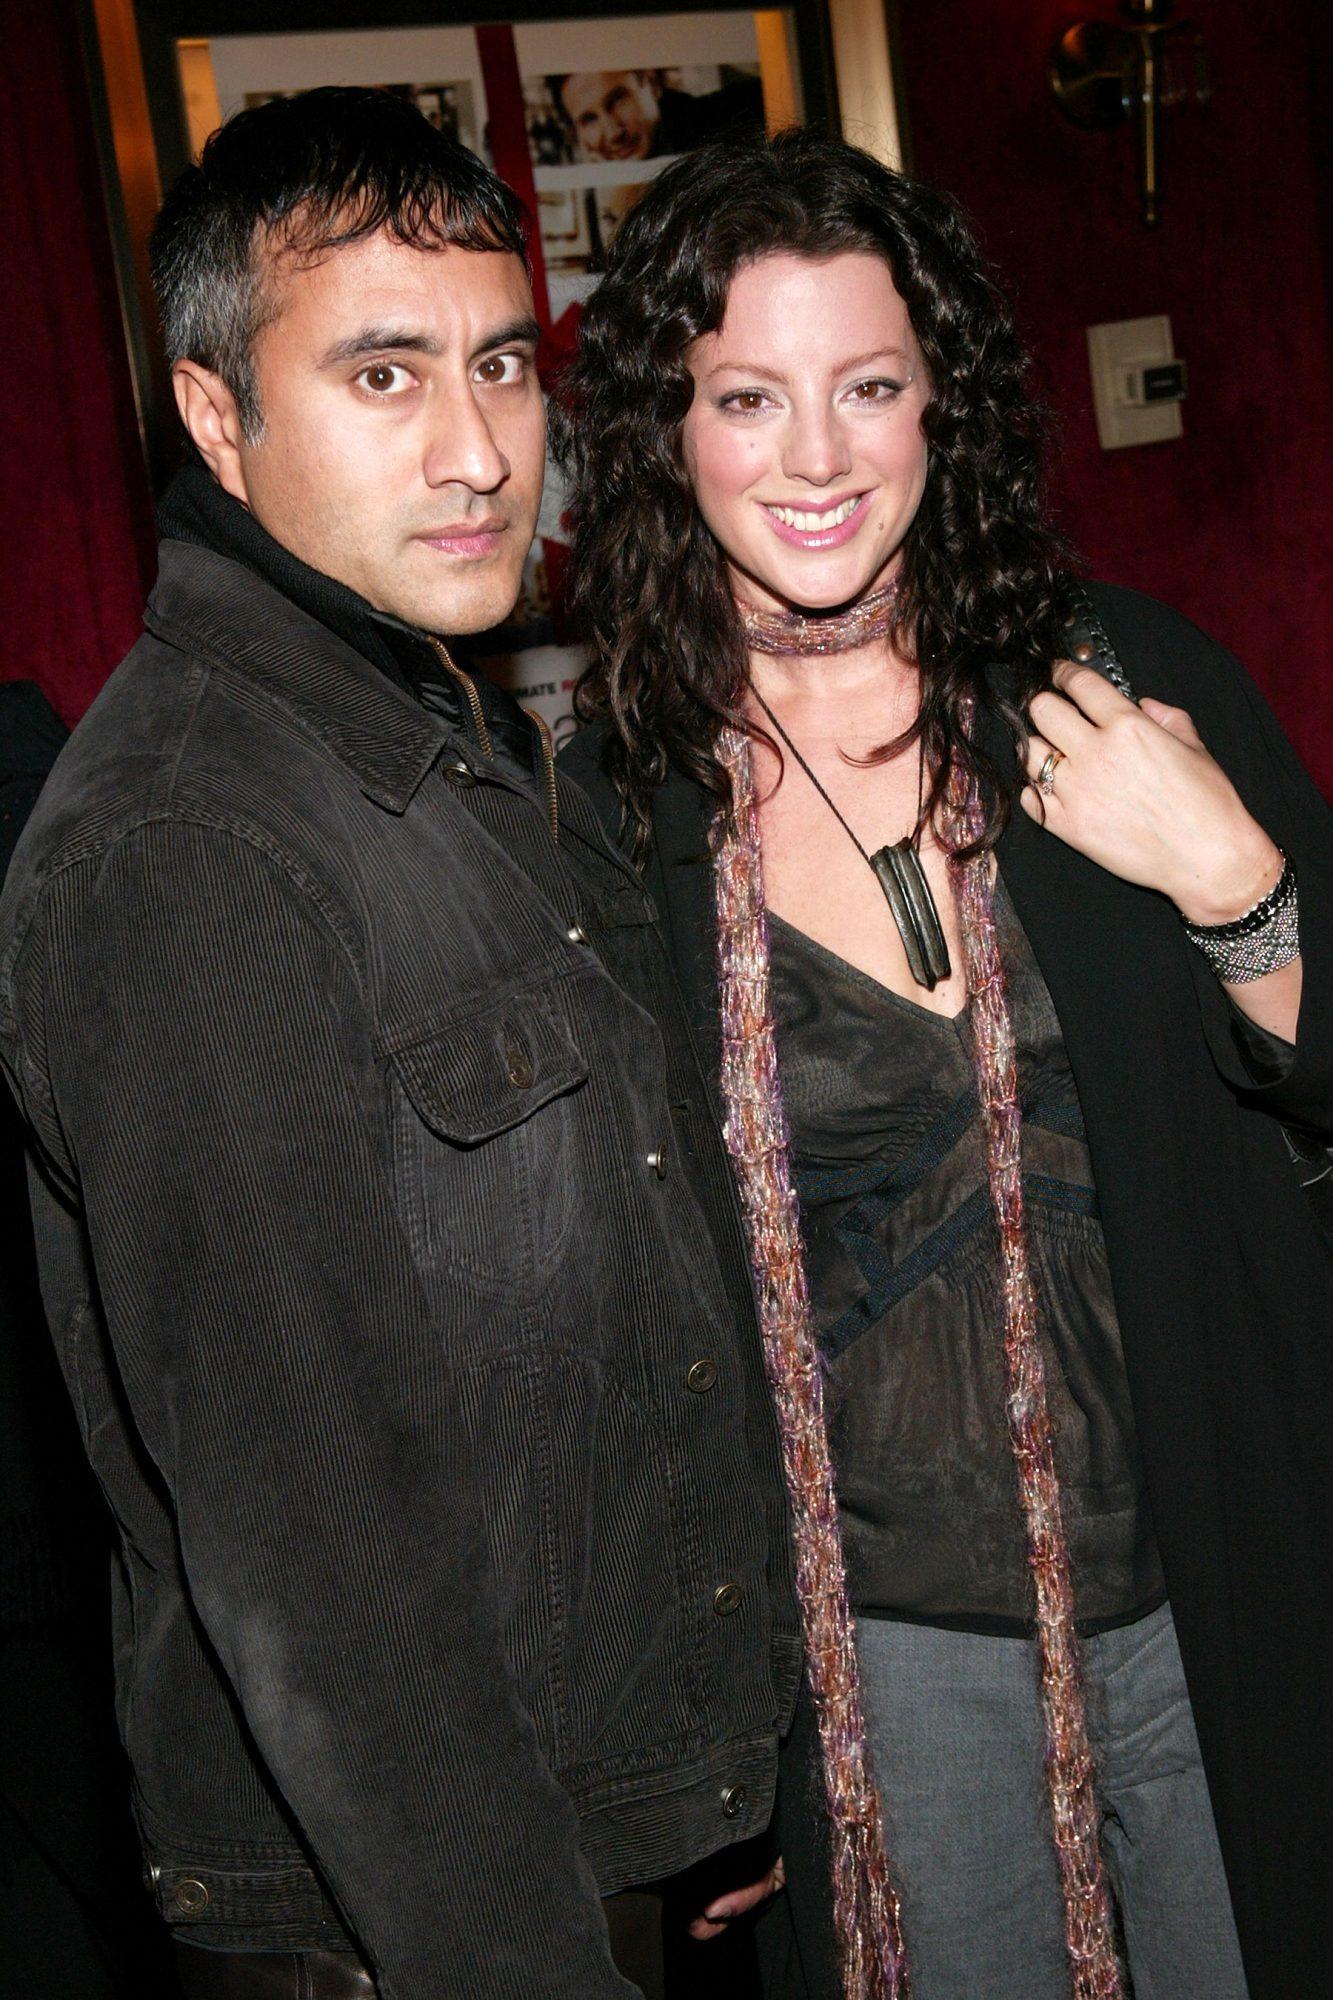 Sarah McLachlan and husband